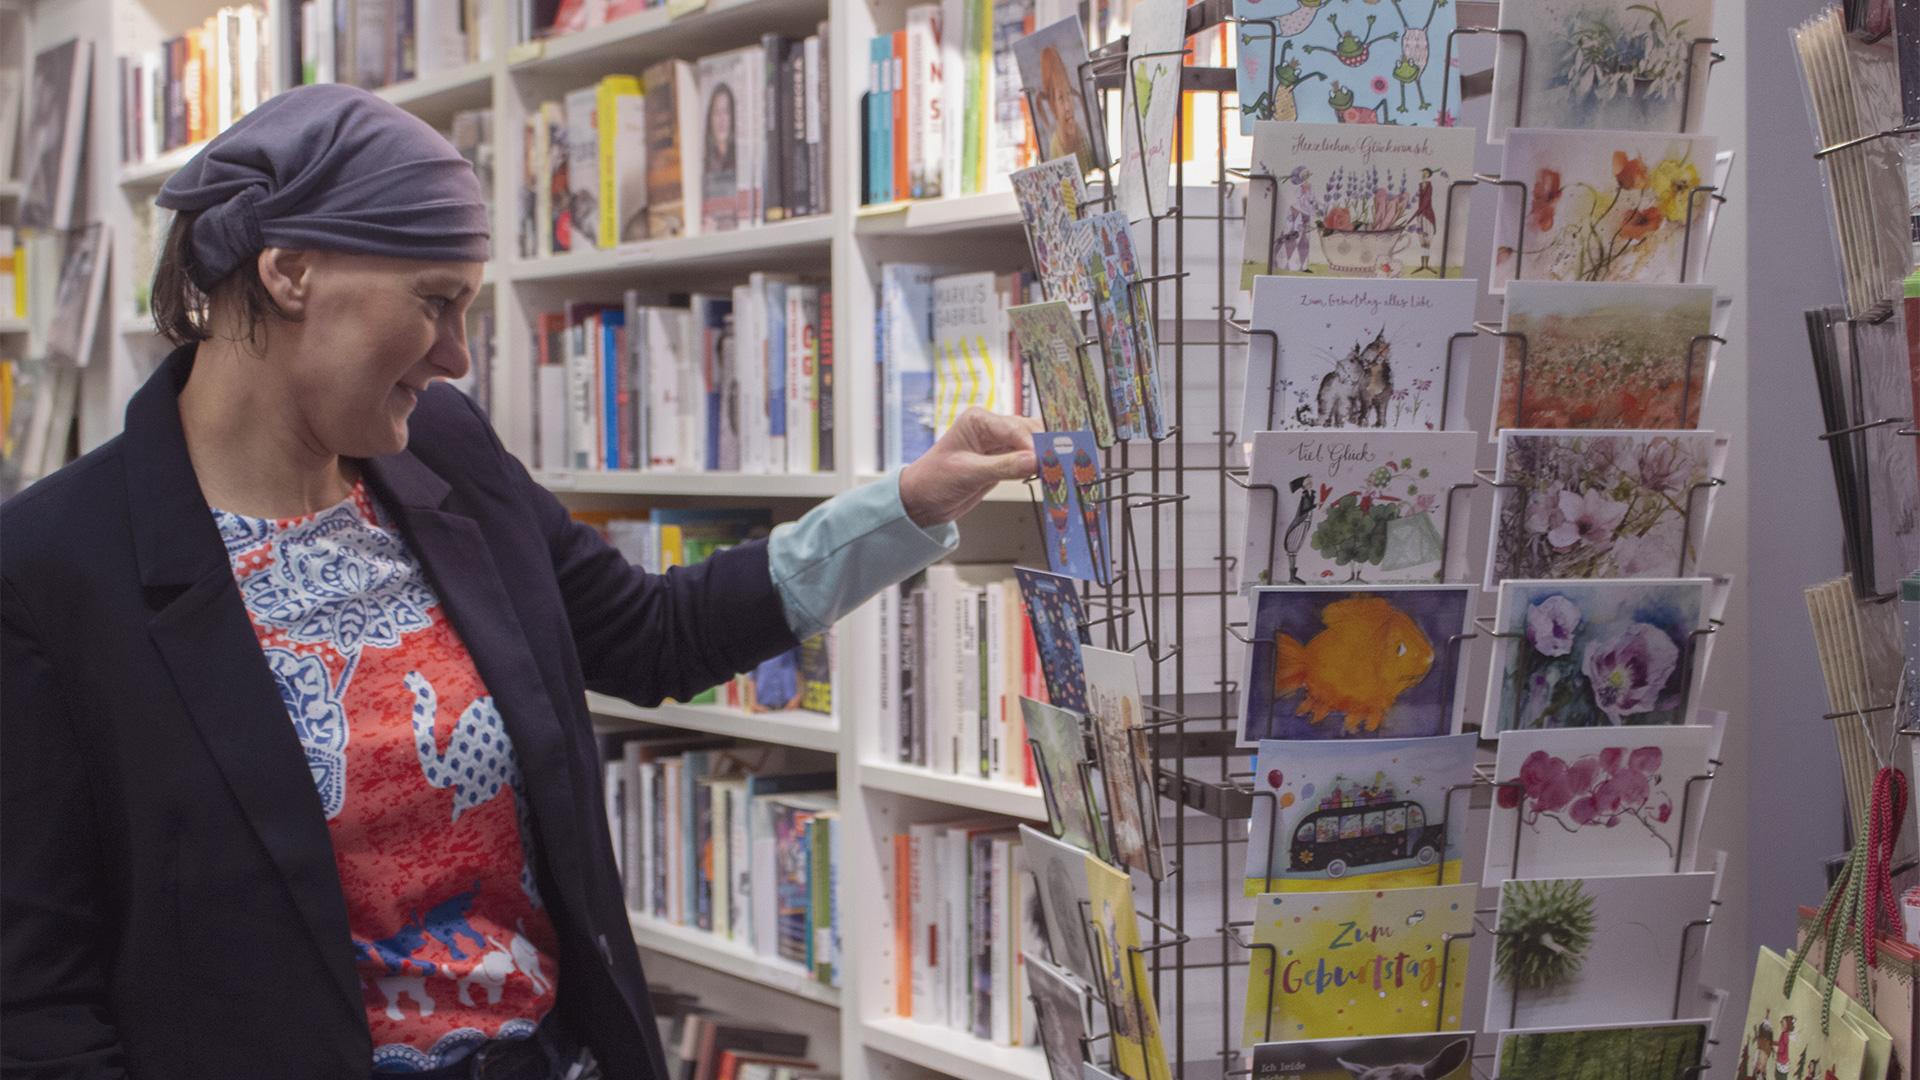 Postkarten mit Illustrationen und Sprüchen vor einer Bücherwand